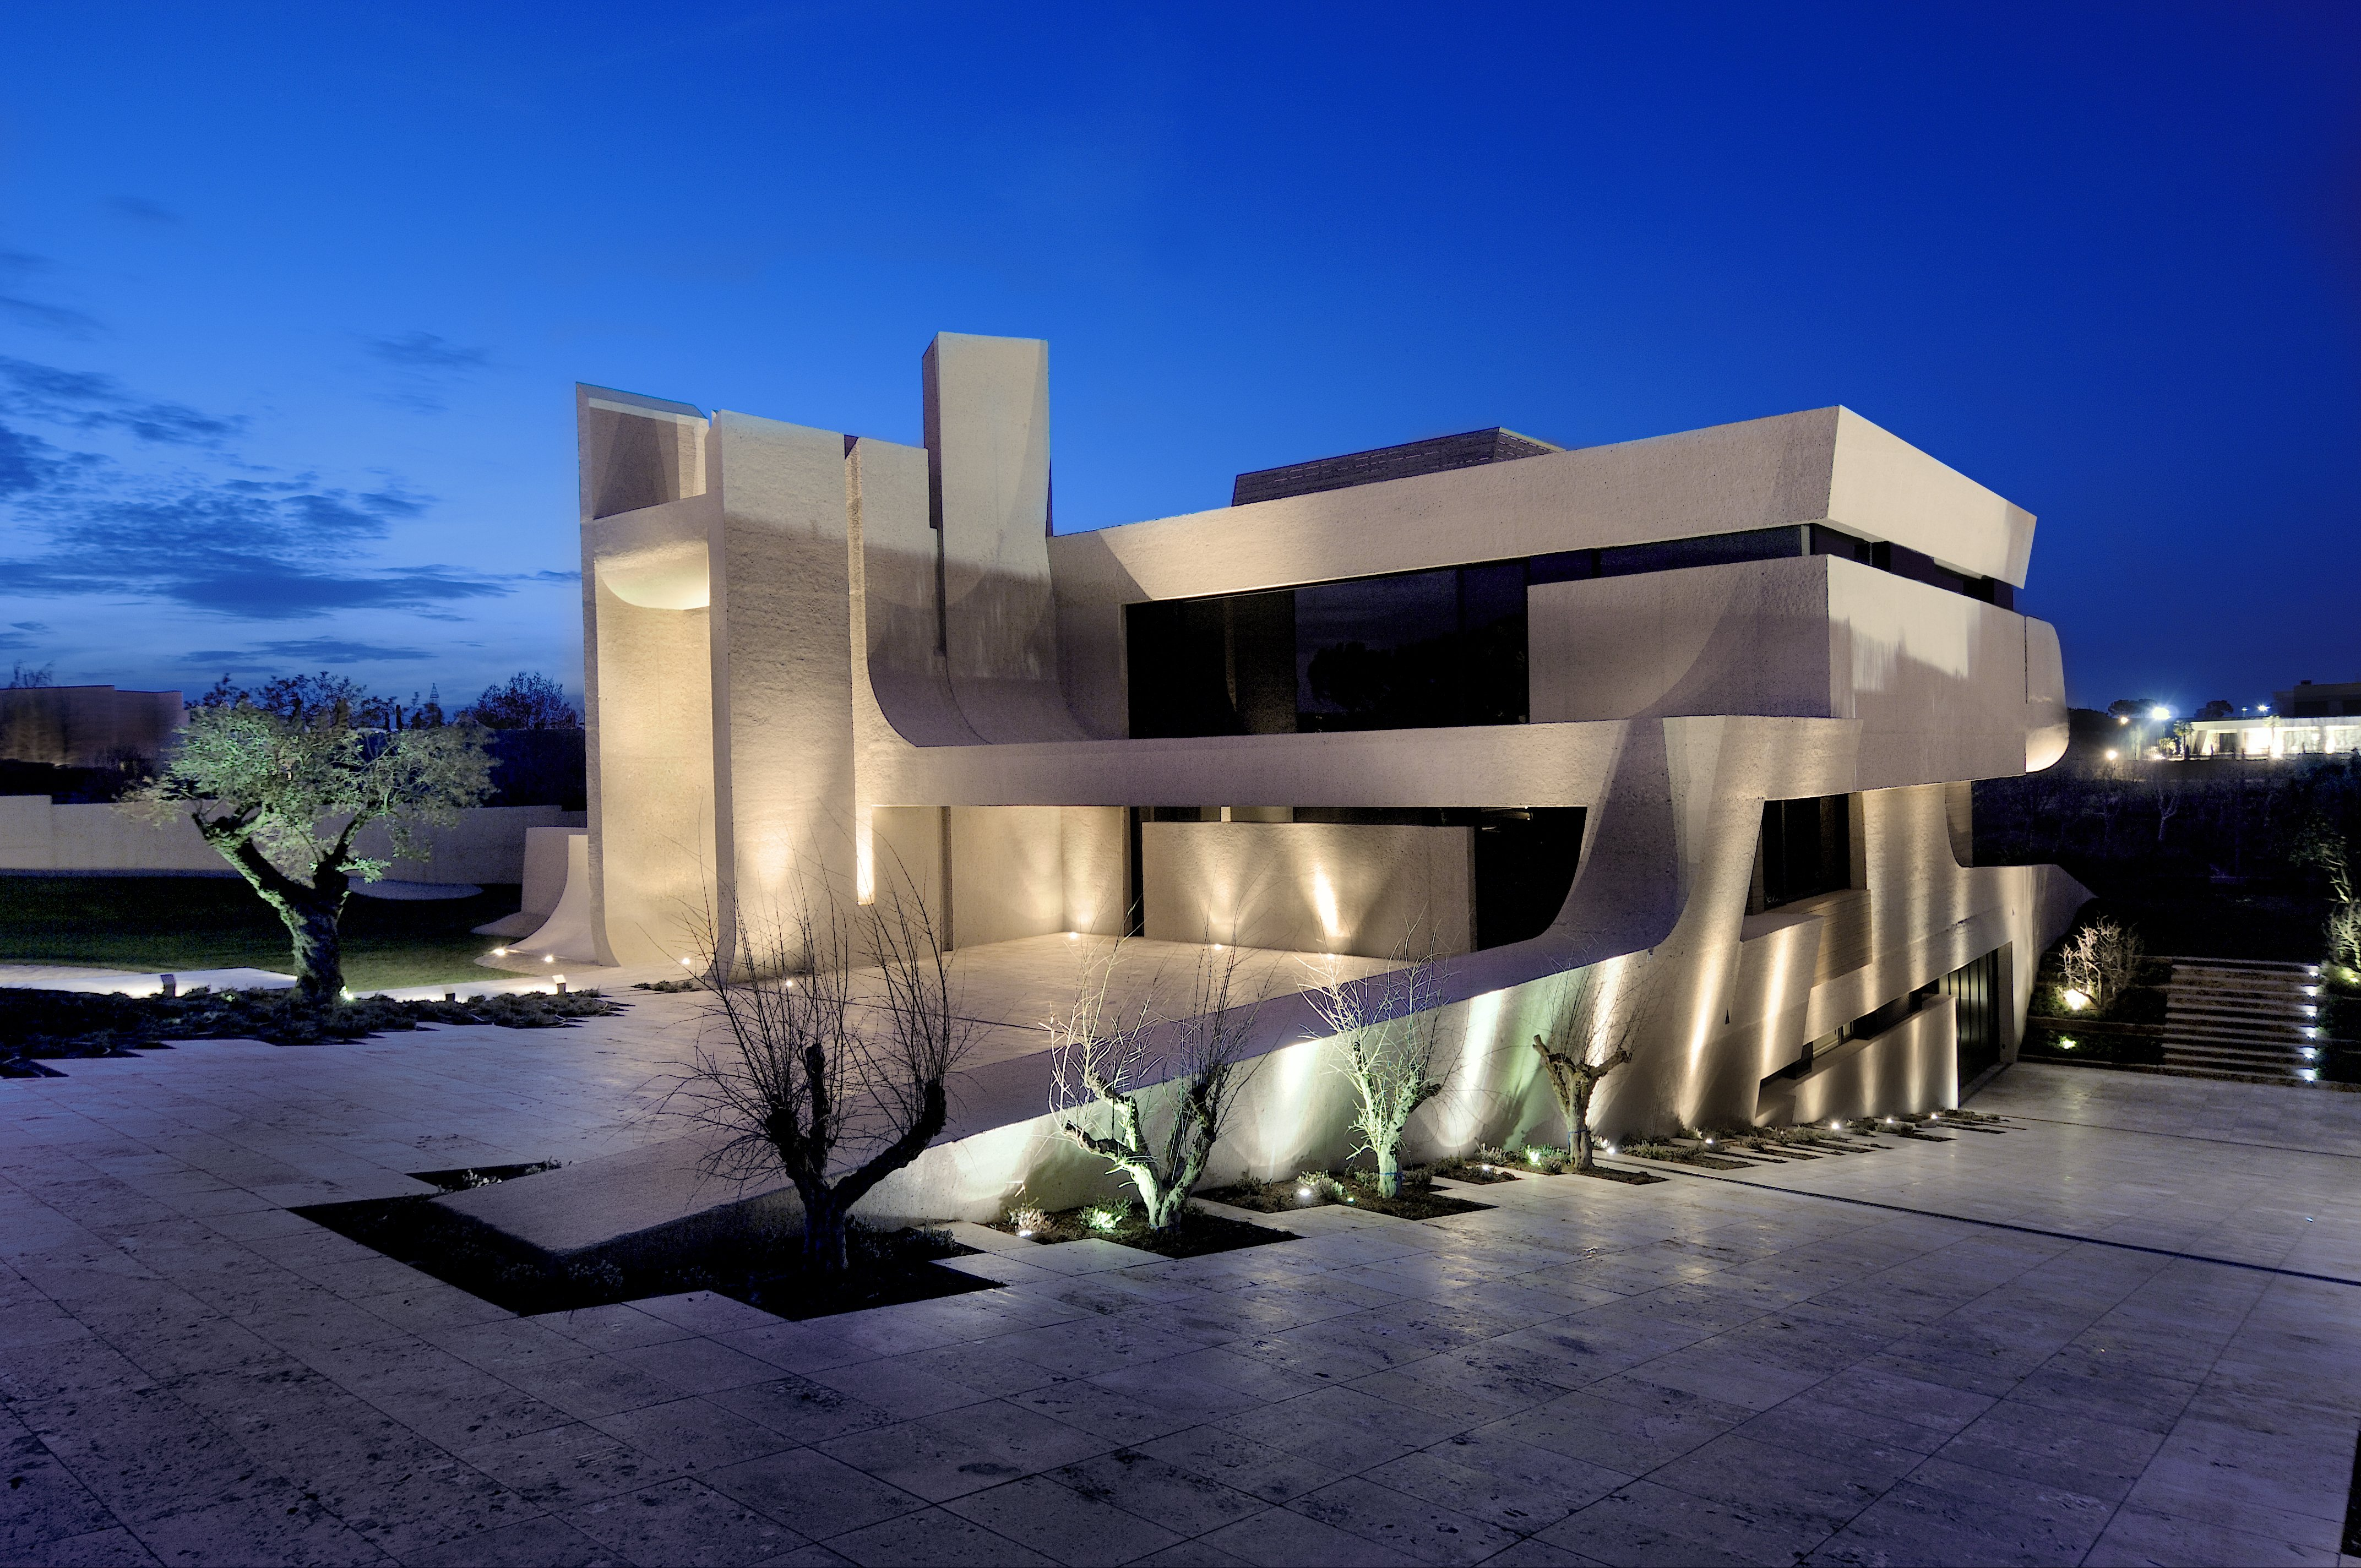 casa moderna arquitectura wallpaper 4288x2848 853720